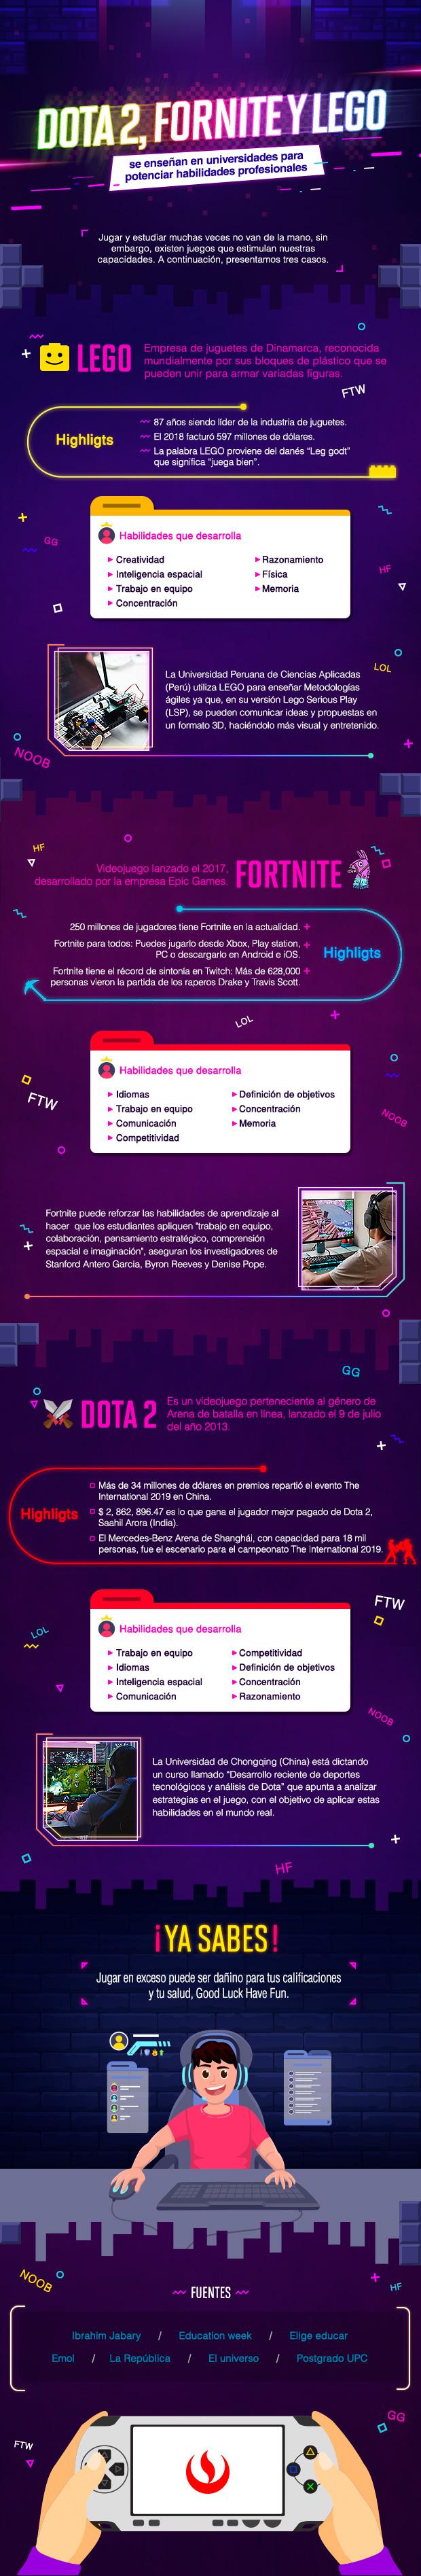 [Infografía] Los videojuegos que potencian habilidades profesionales - los-video-juegos-que-potencian-las-habilidades-profesionales